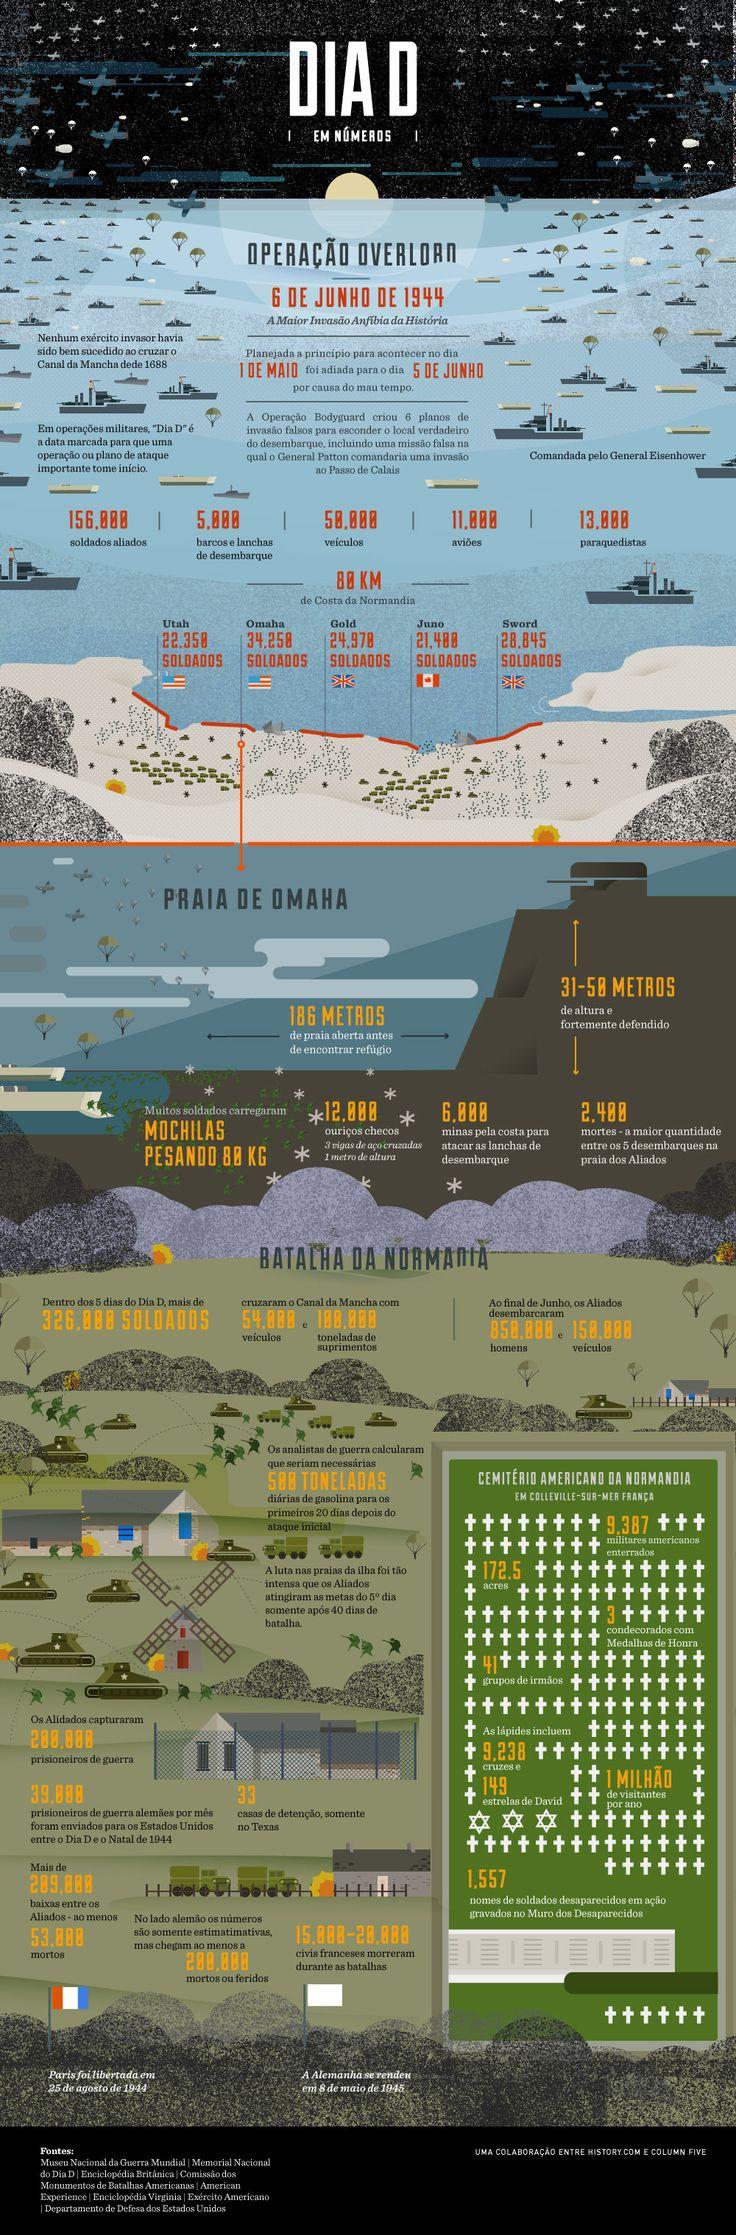 Conheça os principais números sobre a maior invasão anfíbia da história, ocorrida durante a Segunda Guerra Mundial nas prais da Normandia.